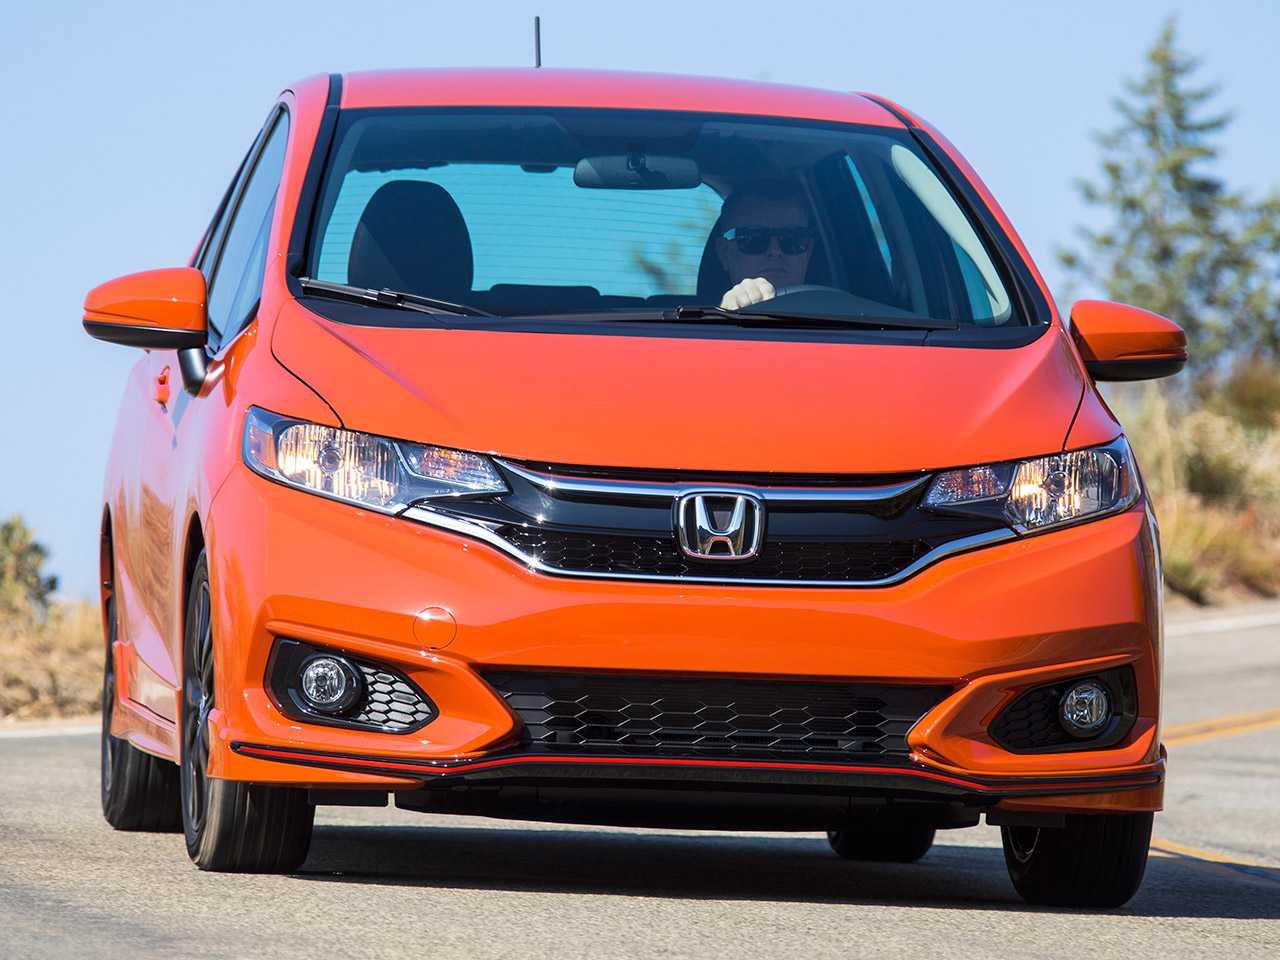 Detalhe do Honda Fit 2020 comercializado nos EUA